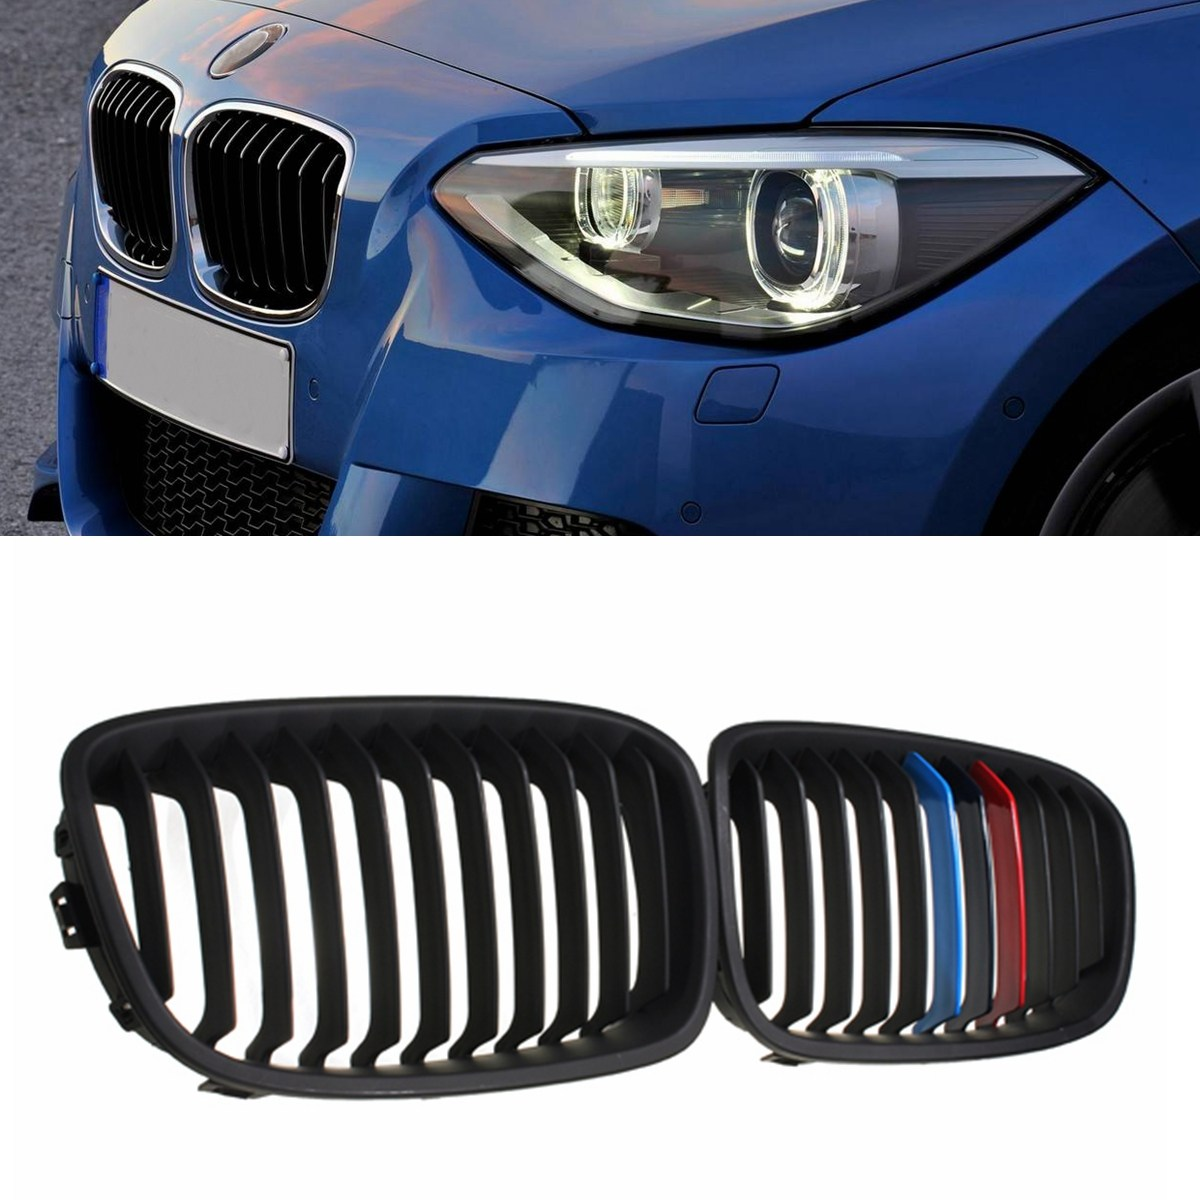 Par de parrilla de Color negro brillante, mate, rejilla de riñón para BMW F20 F21 1-series 2011